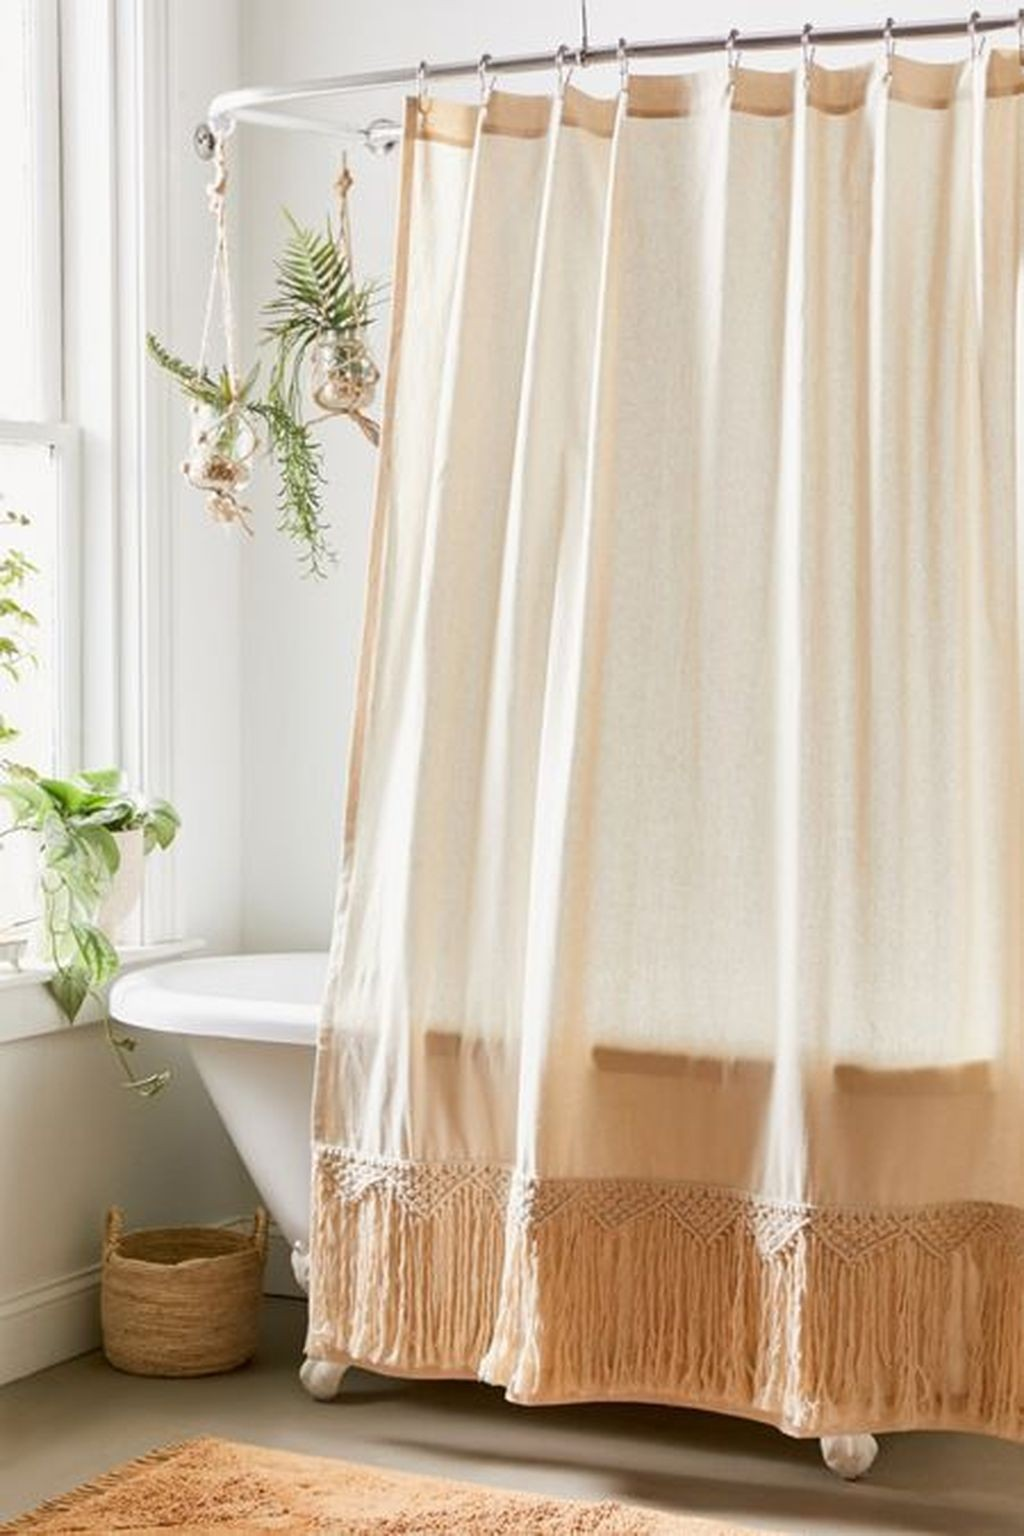 Cortina para banheiro: ideias para inspirar (Foto: divulgação )